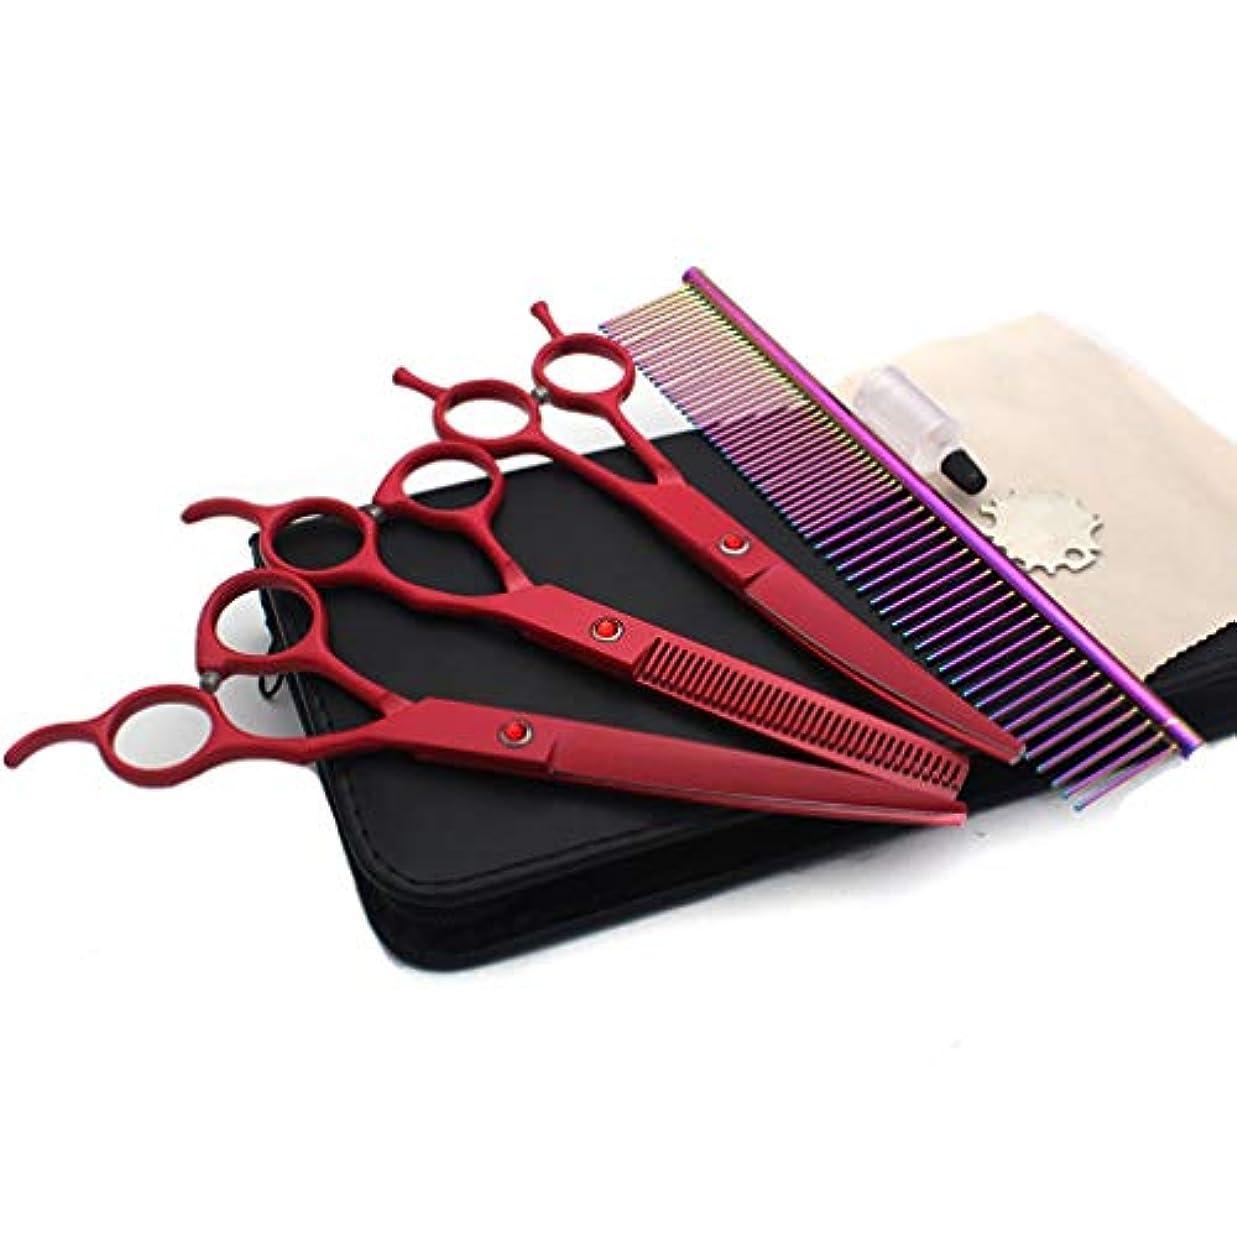 に対してパトロンレーダー7.0インチペット用ハサミ、プロ用ペット用ハサミ。 理髪店/ペットショップや個人的な使用に適しています